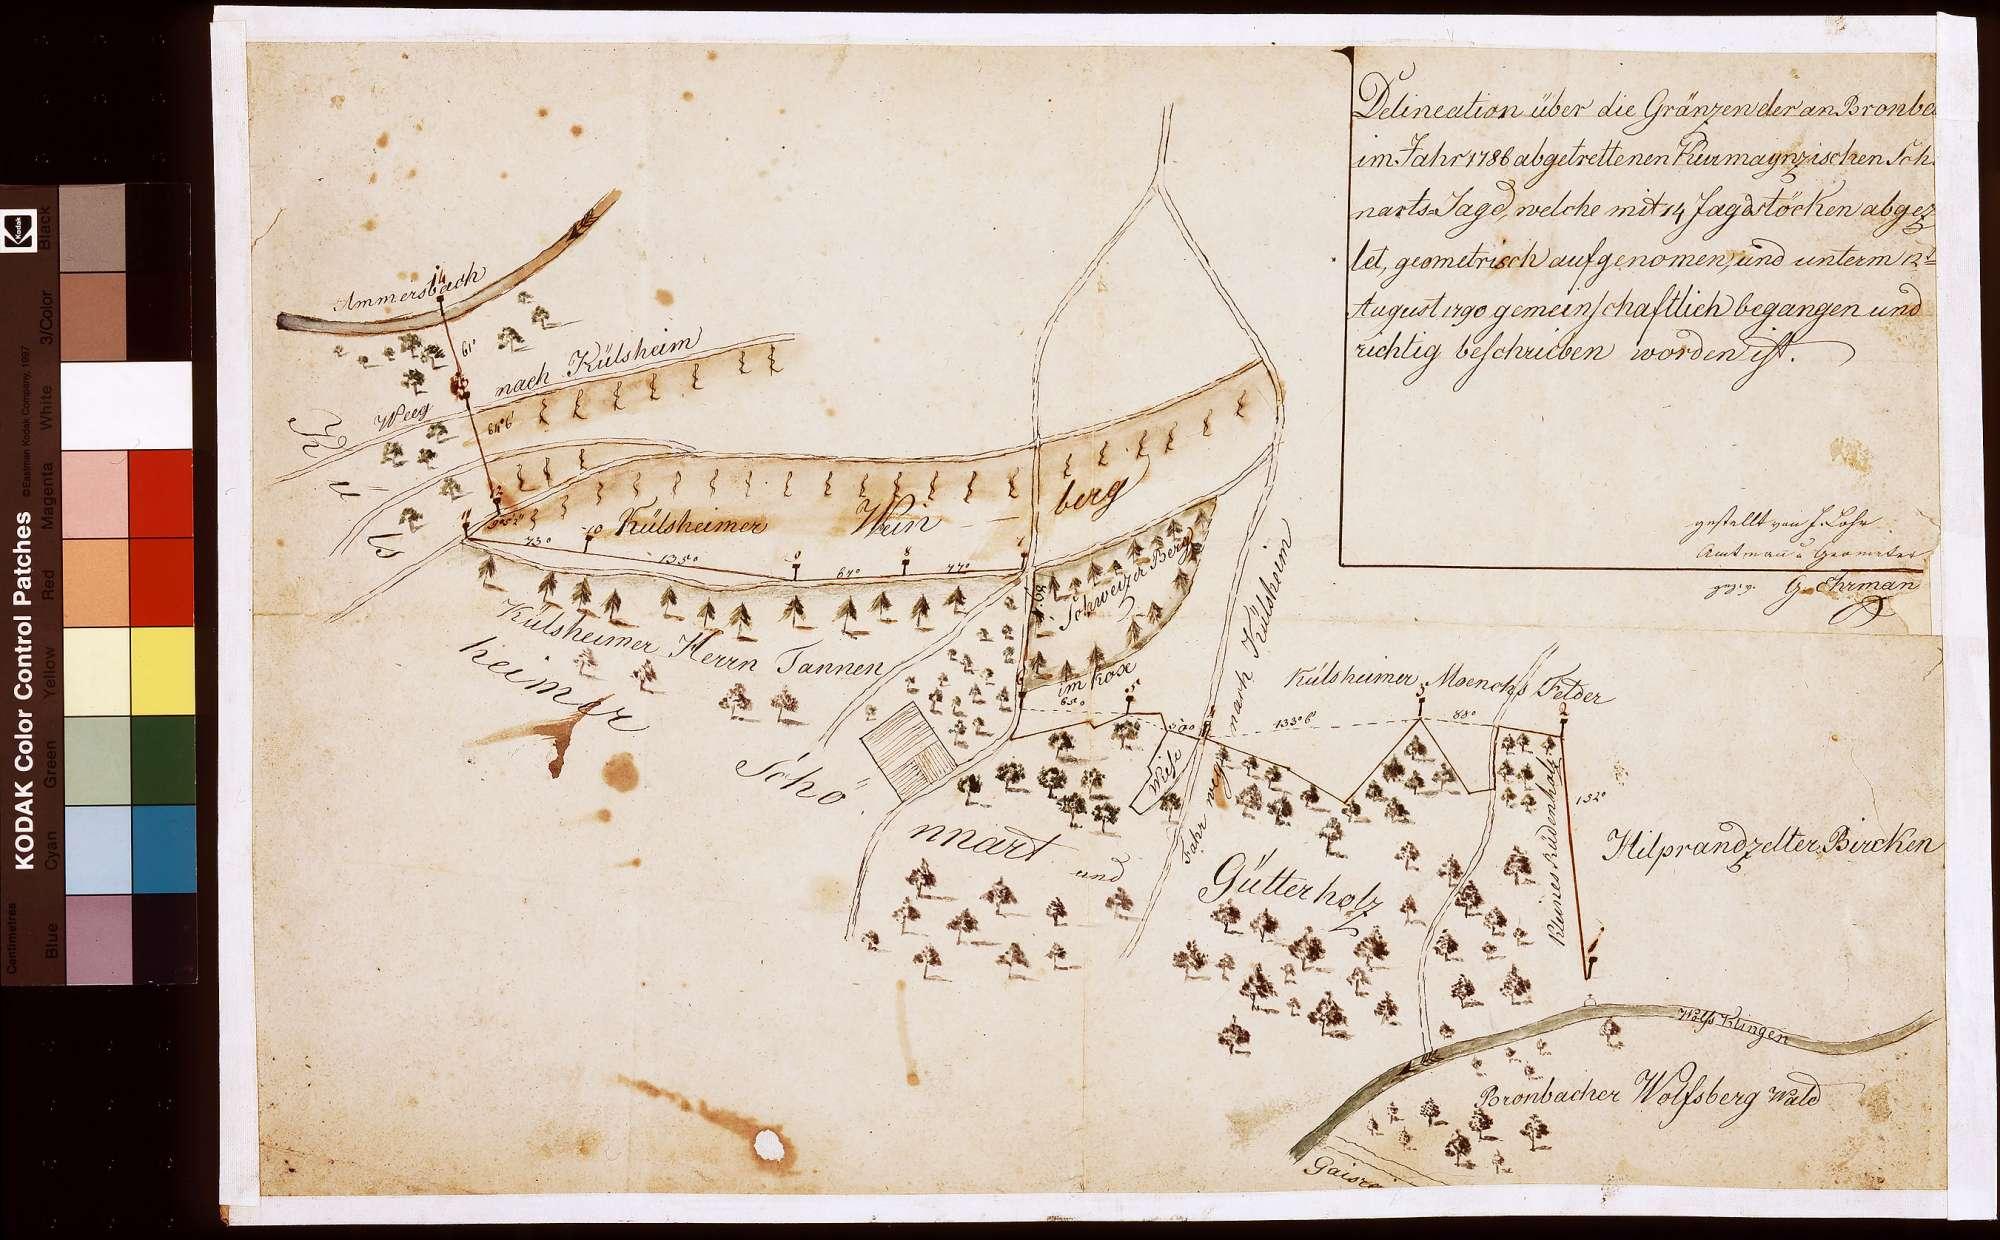 Delineation über die Grenzen der an Bronnbach im Jahr 1786 abgetretenen kurmainzischen Schönertsjagd (Inselkarte), Bild 1